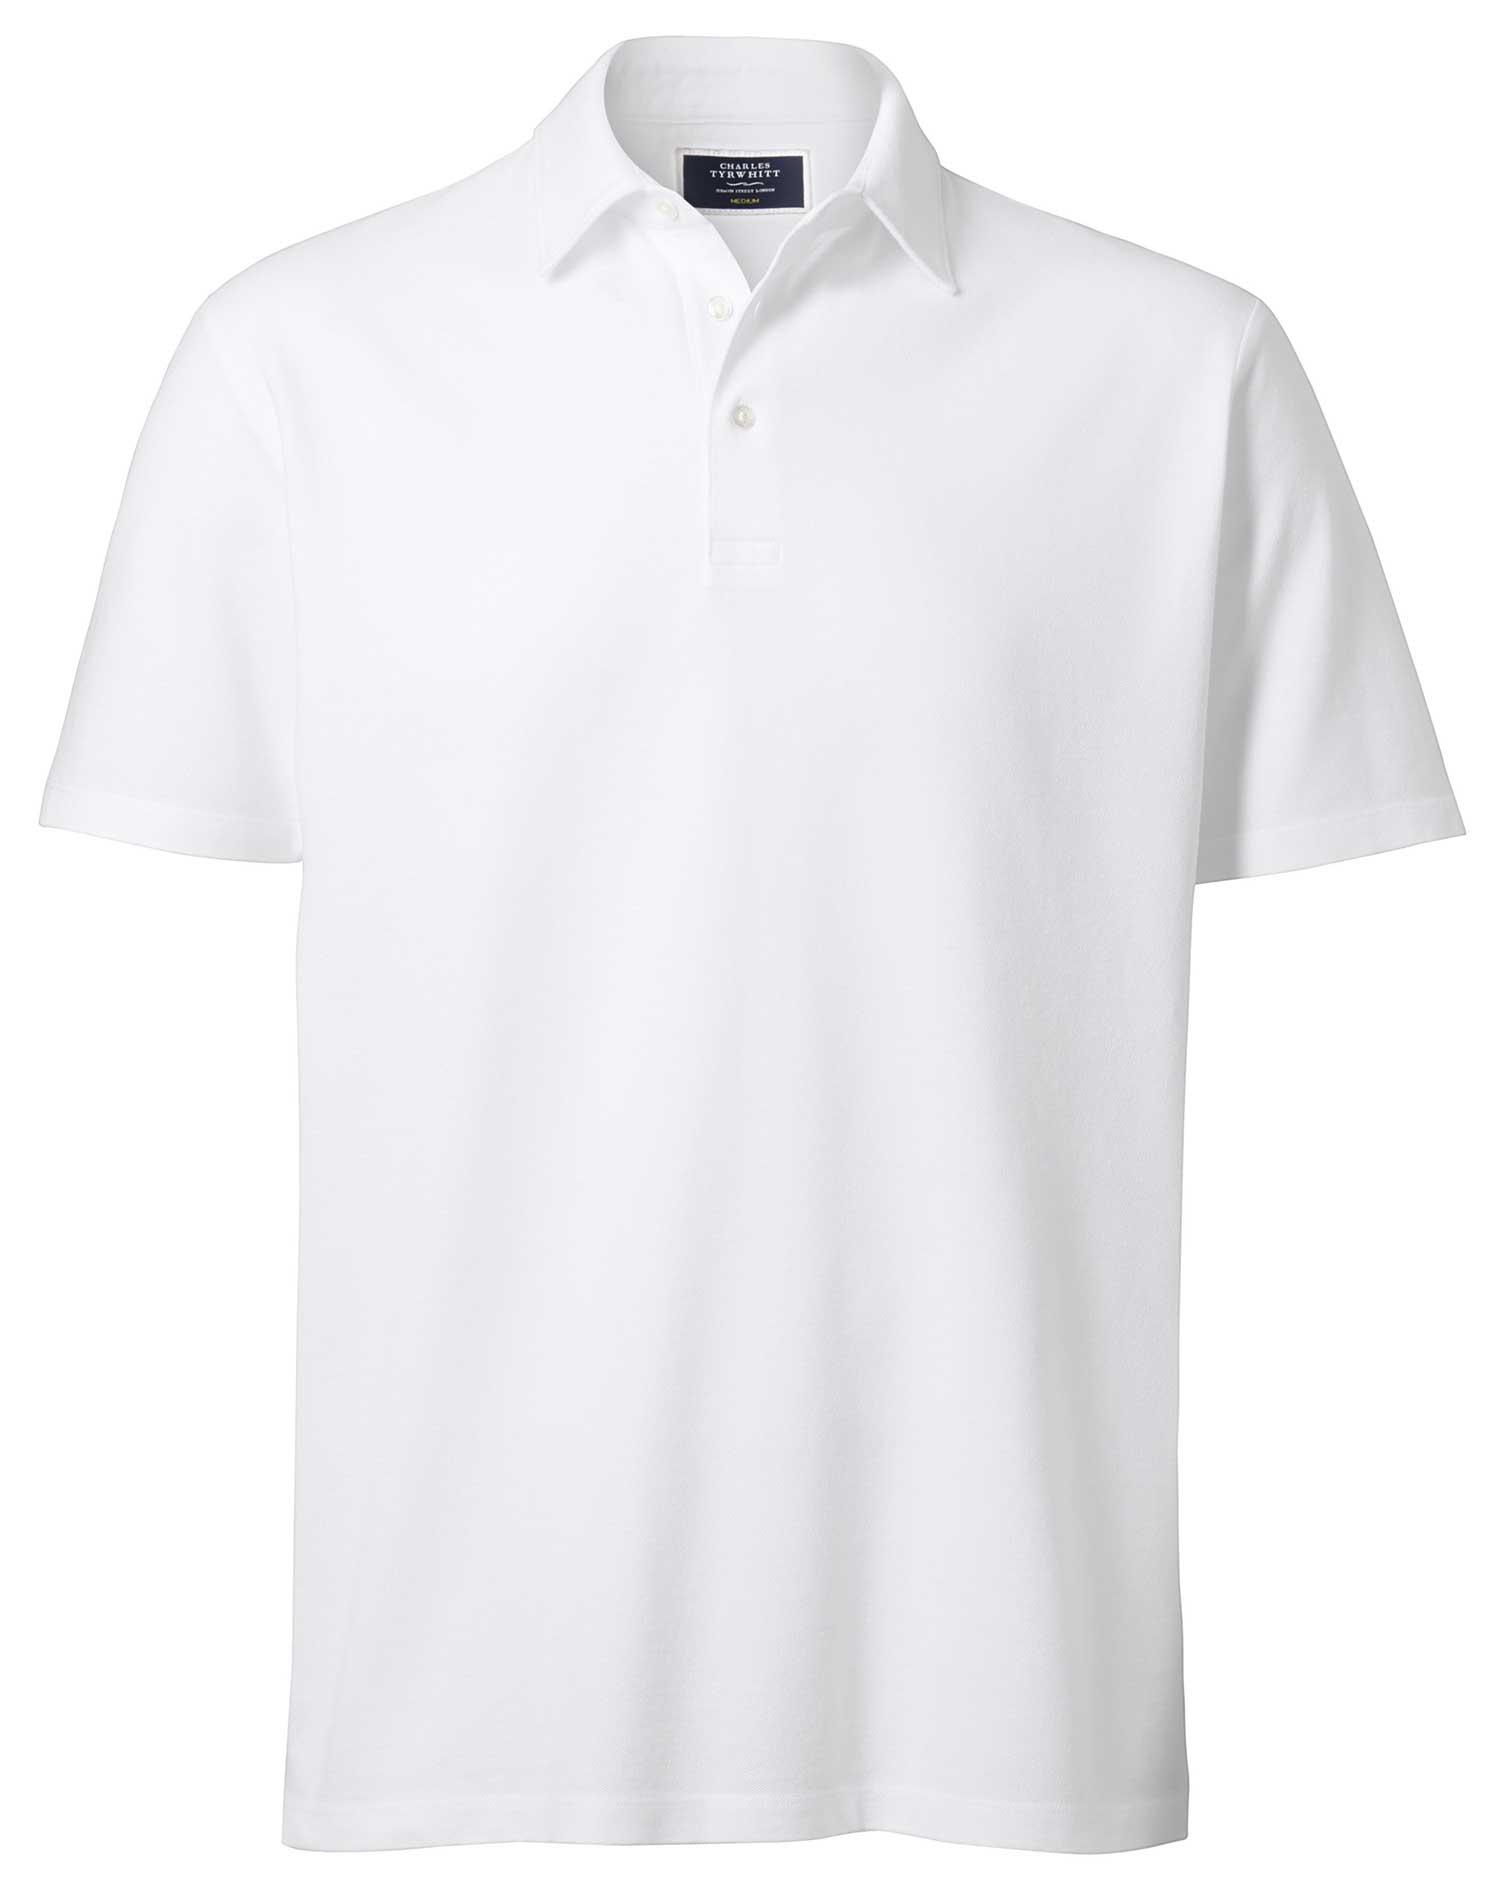 White Oxford Pique Cotton Polo Size XXXL by Charles Tyrwhitt